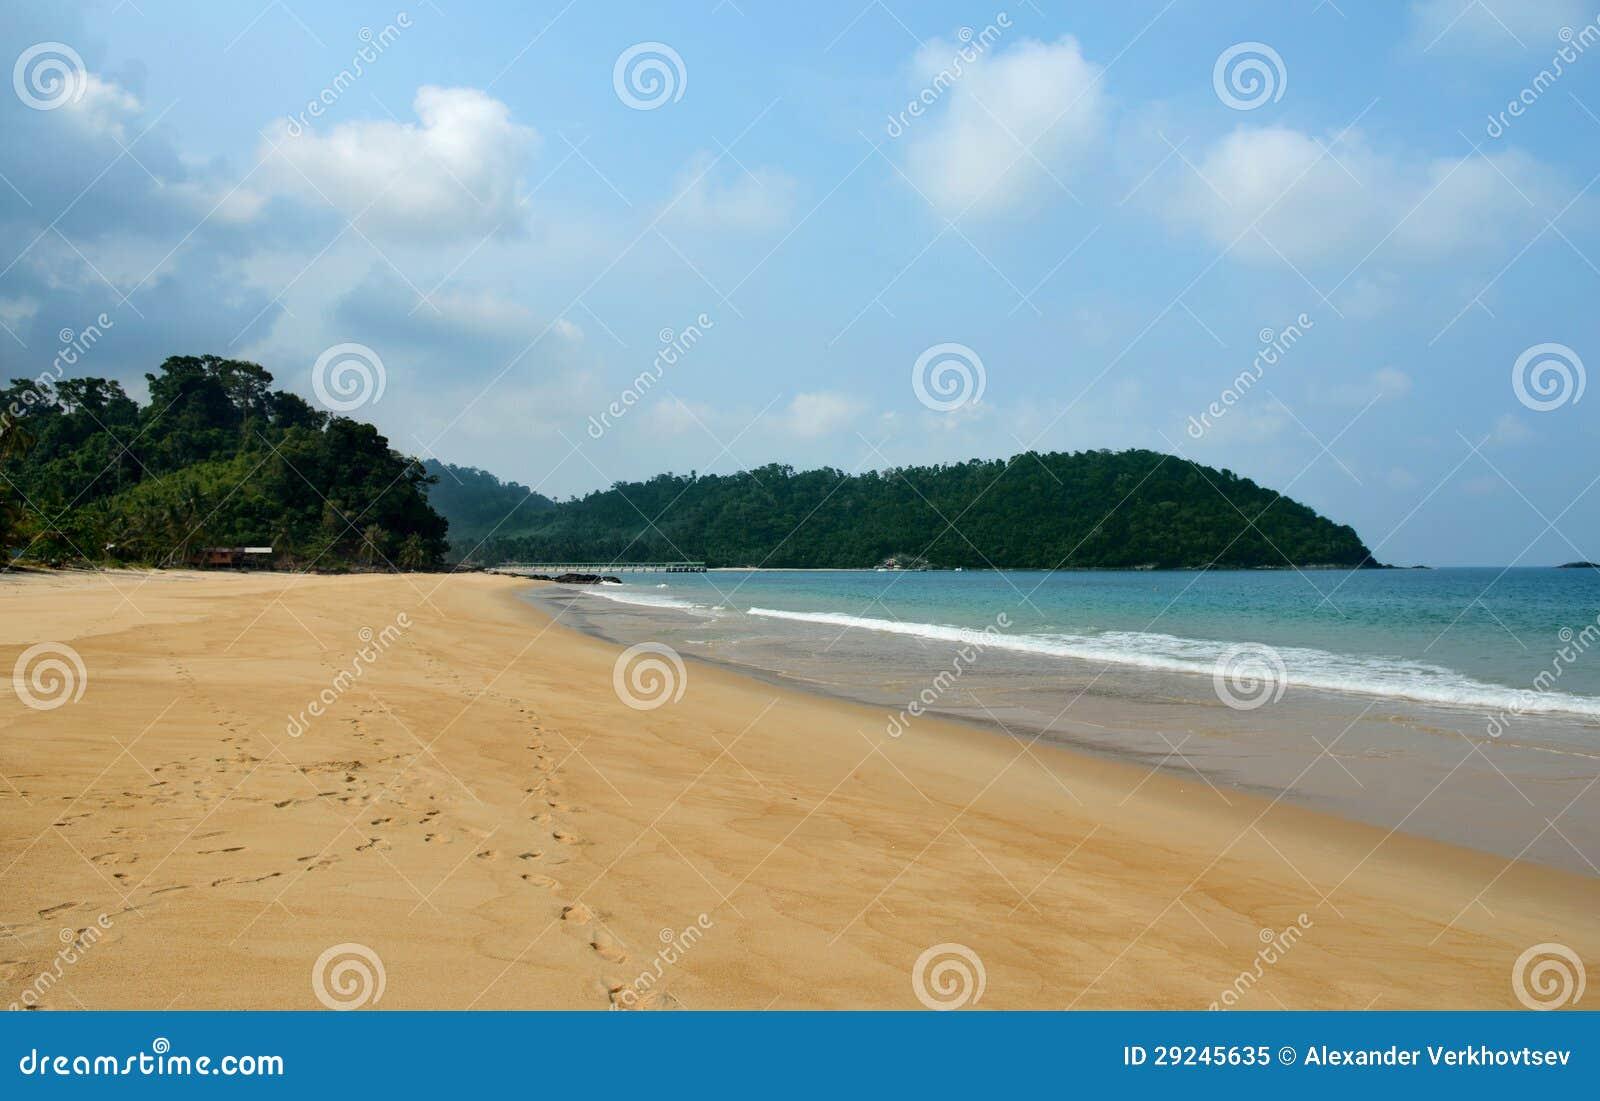 Download Praia de Juara imagem de stock. Imagem de nave, monte - 29245635